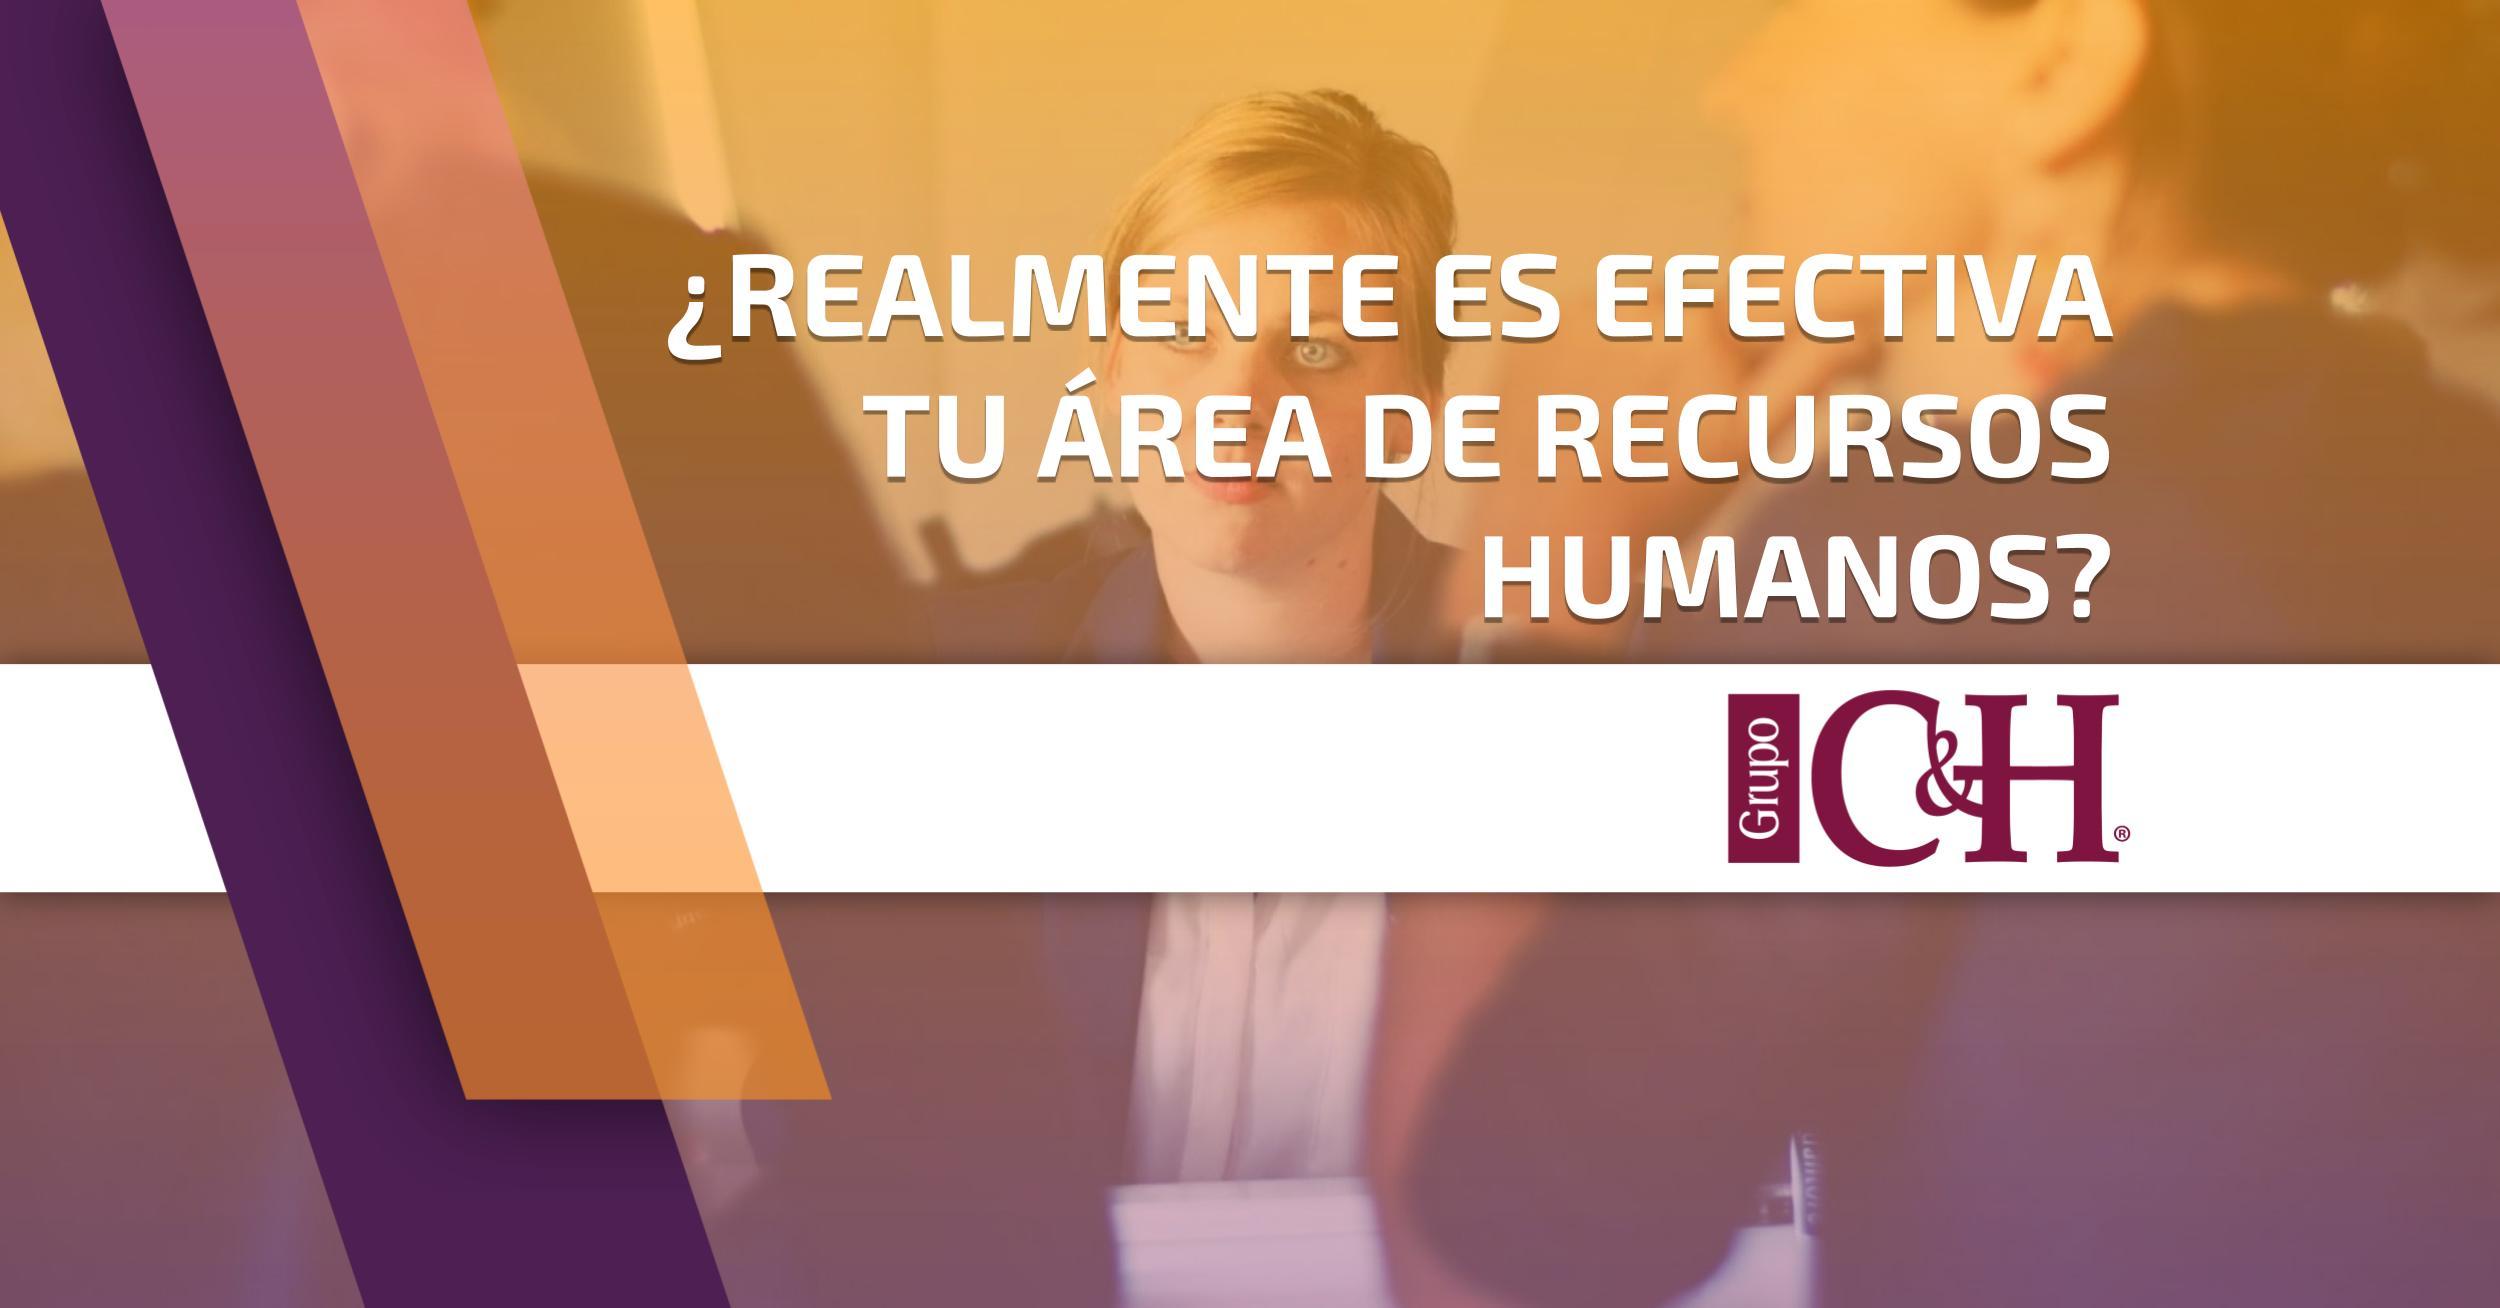 efectiva area recursos humanos